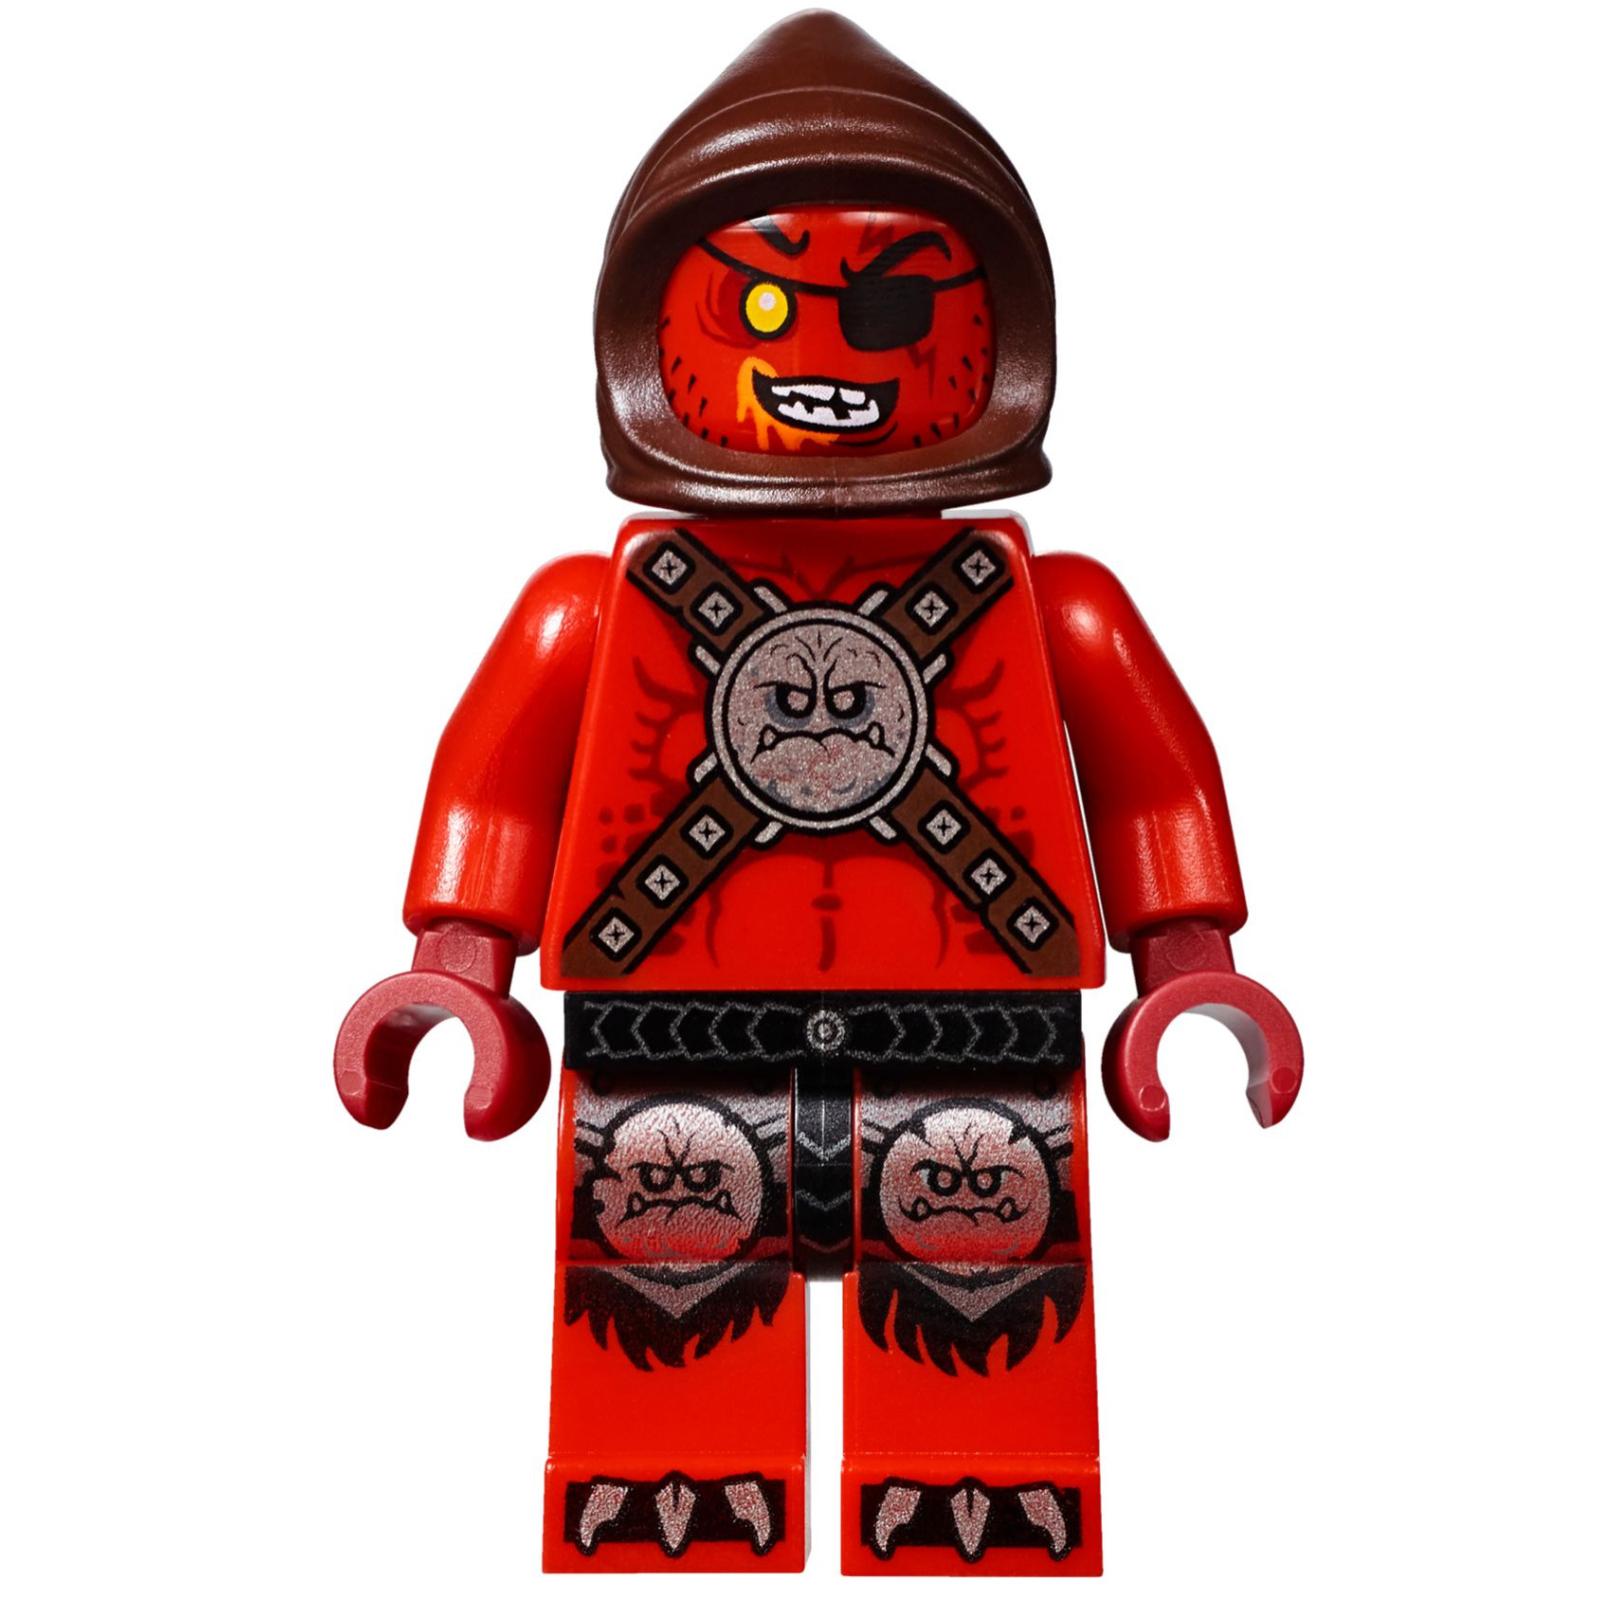 Конструктор LEGO Nexo Knights Предводитель монстров Абсолютная сила (70334) изображение 6